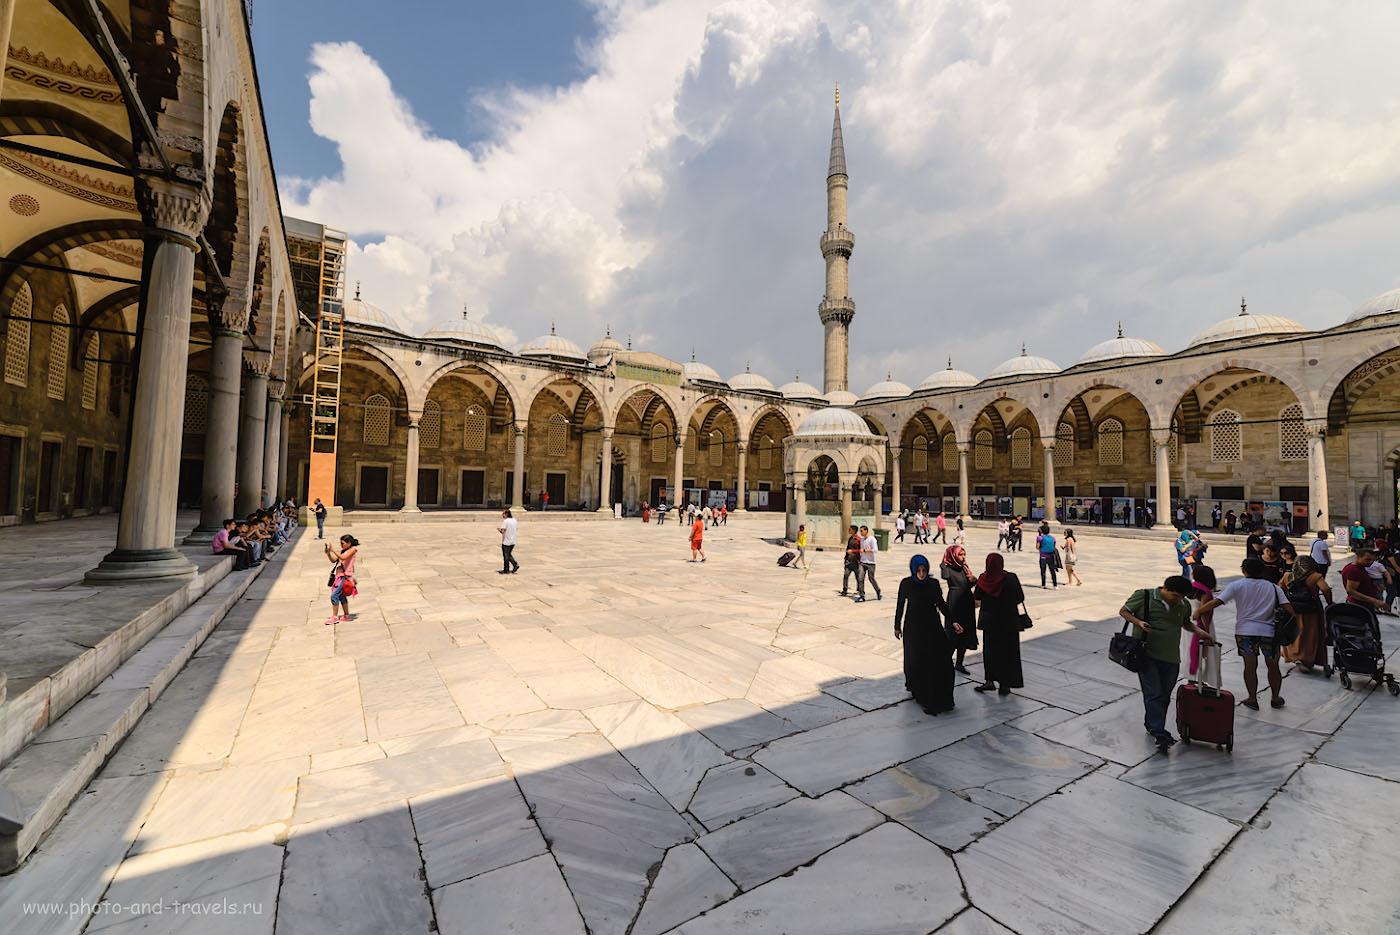 Фотография 3. Во дворе мечети Султанахмет в Стамбуле. Отчет о поездке в Турцию на отдых. 1/640, -1.0, 8.0, 125, 14.